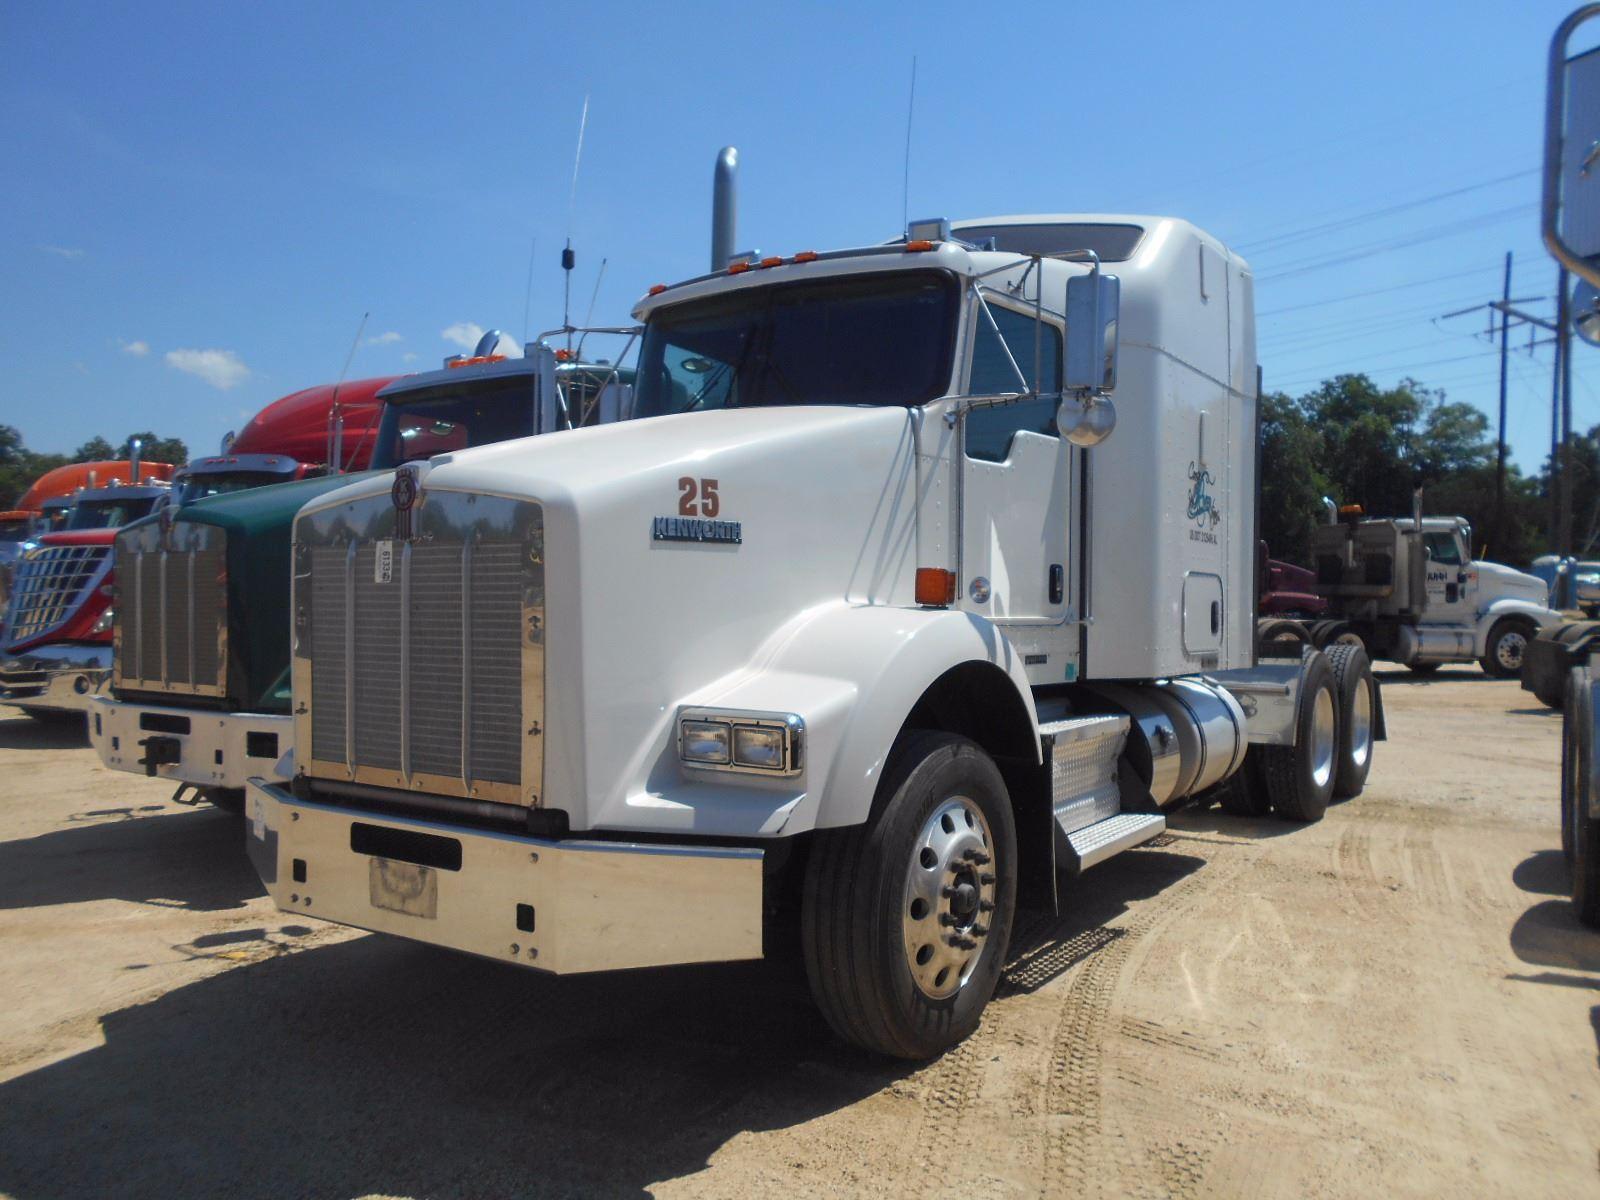 2012 KENWORTH T800 TRUCK TRACTOR, VIN/SN:1XKDDPP9X6CJ328993 - T/A, 455 HP  PACCAR ENGINE, 10 SPD TRAN